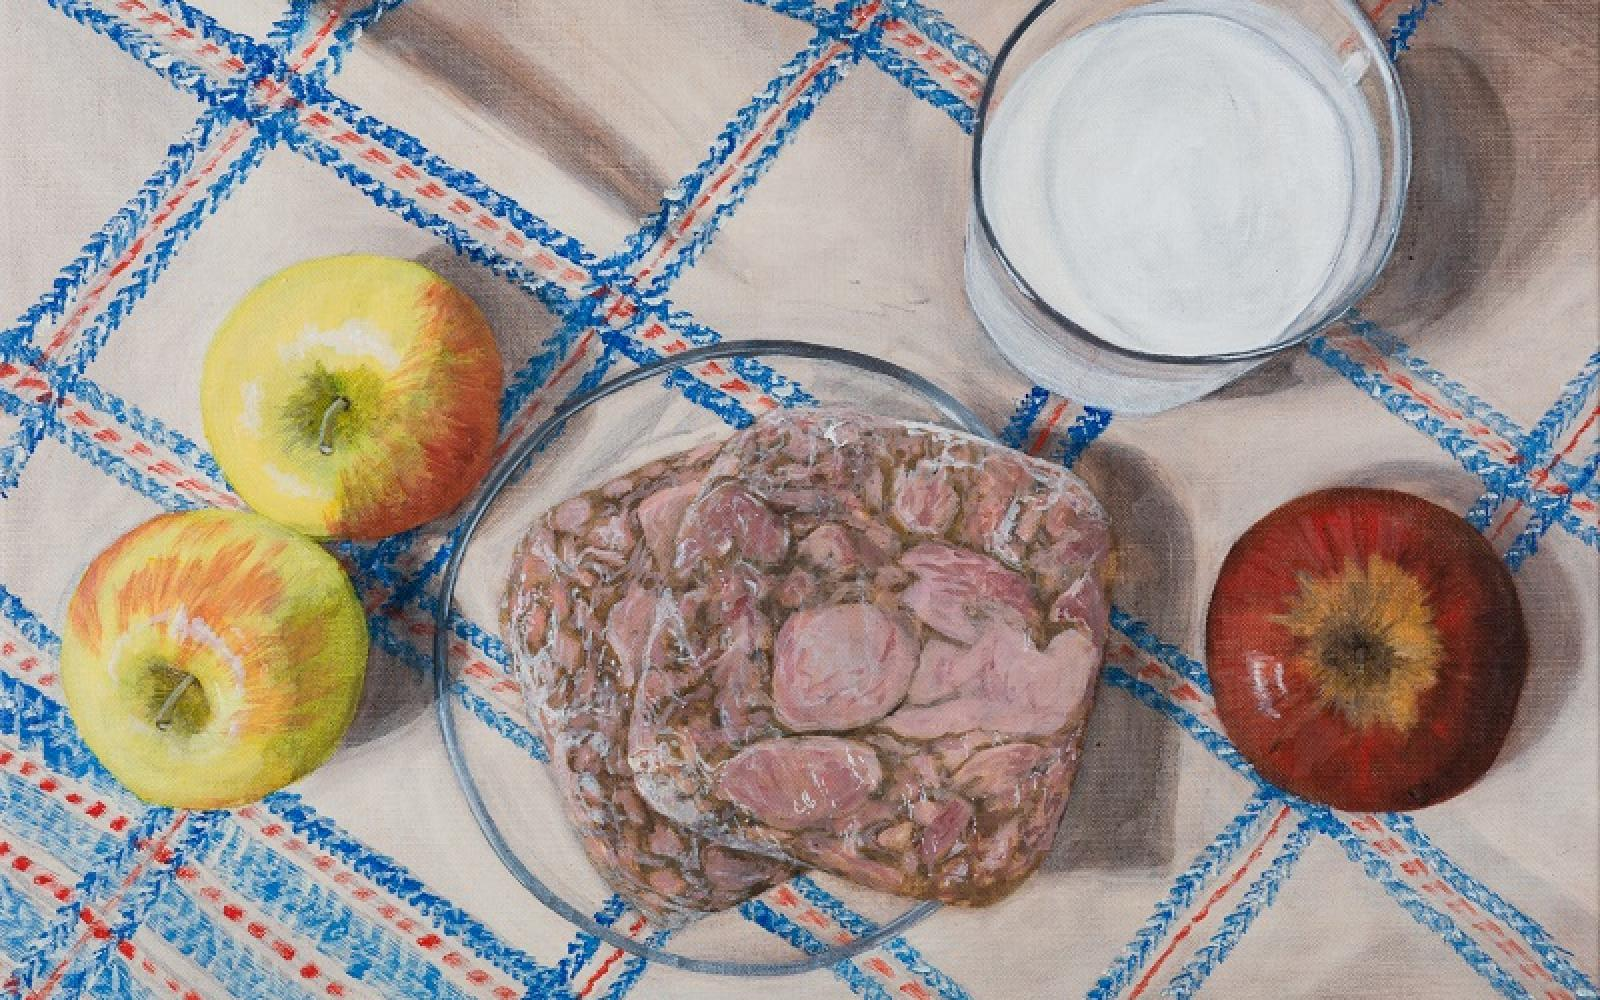 Laura Nitsche, Äpfel, Presskopf, Buttermilch 2 © Laura Nitsche, Bildrecht Wien, 2021